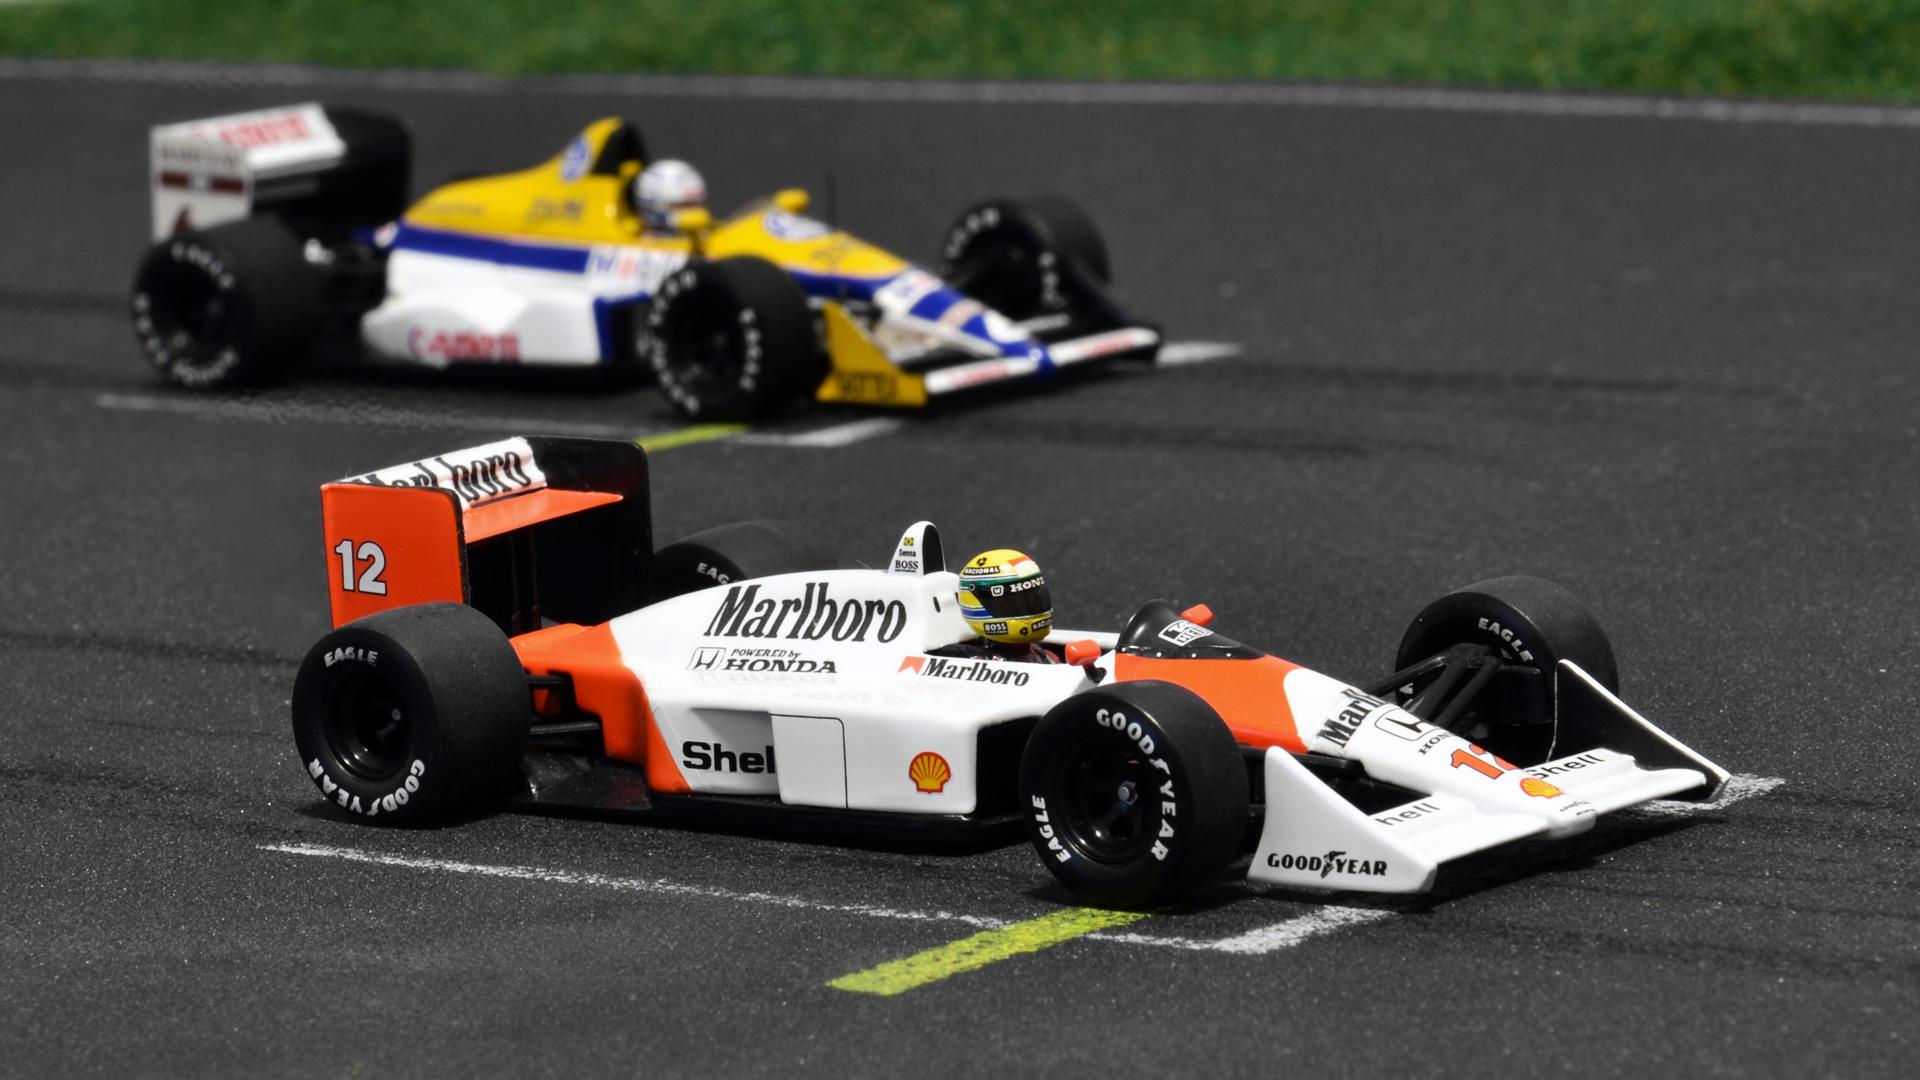 A legsikeresebb McLaren az MP4/4-es egy Williams FW12-es társaságában.